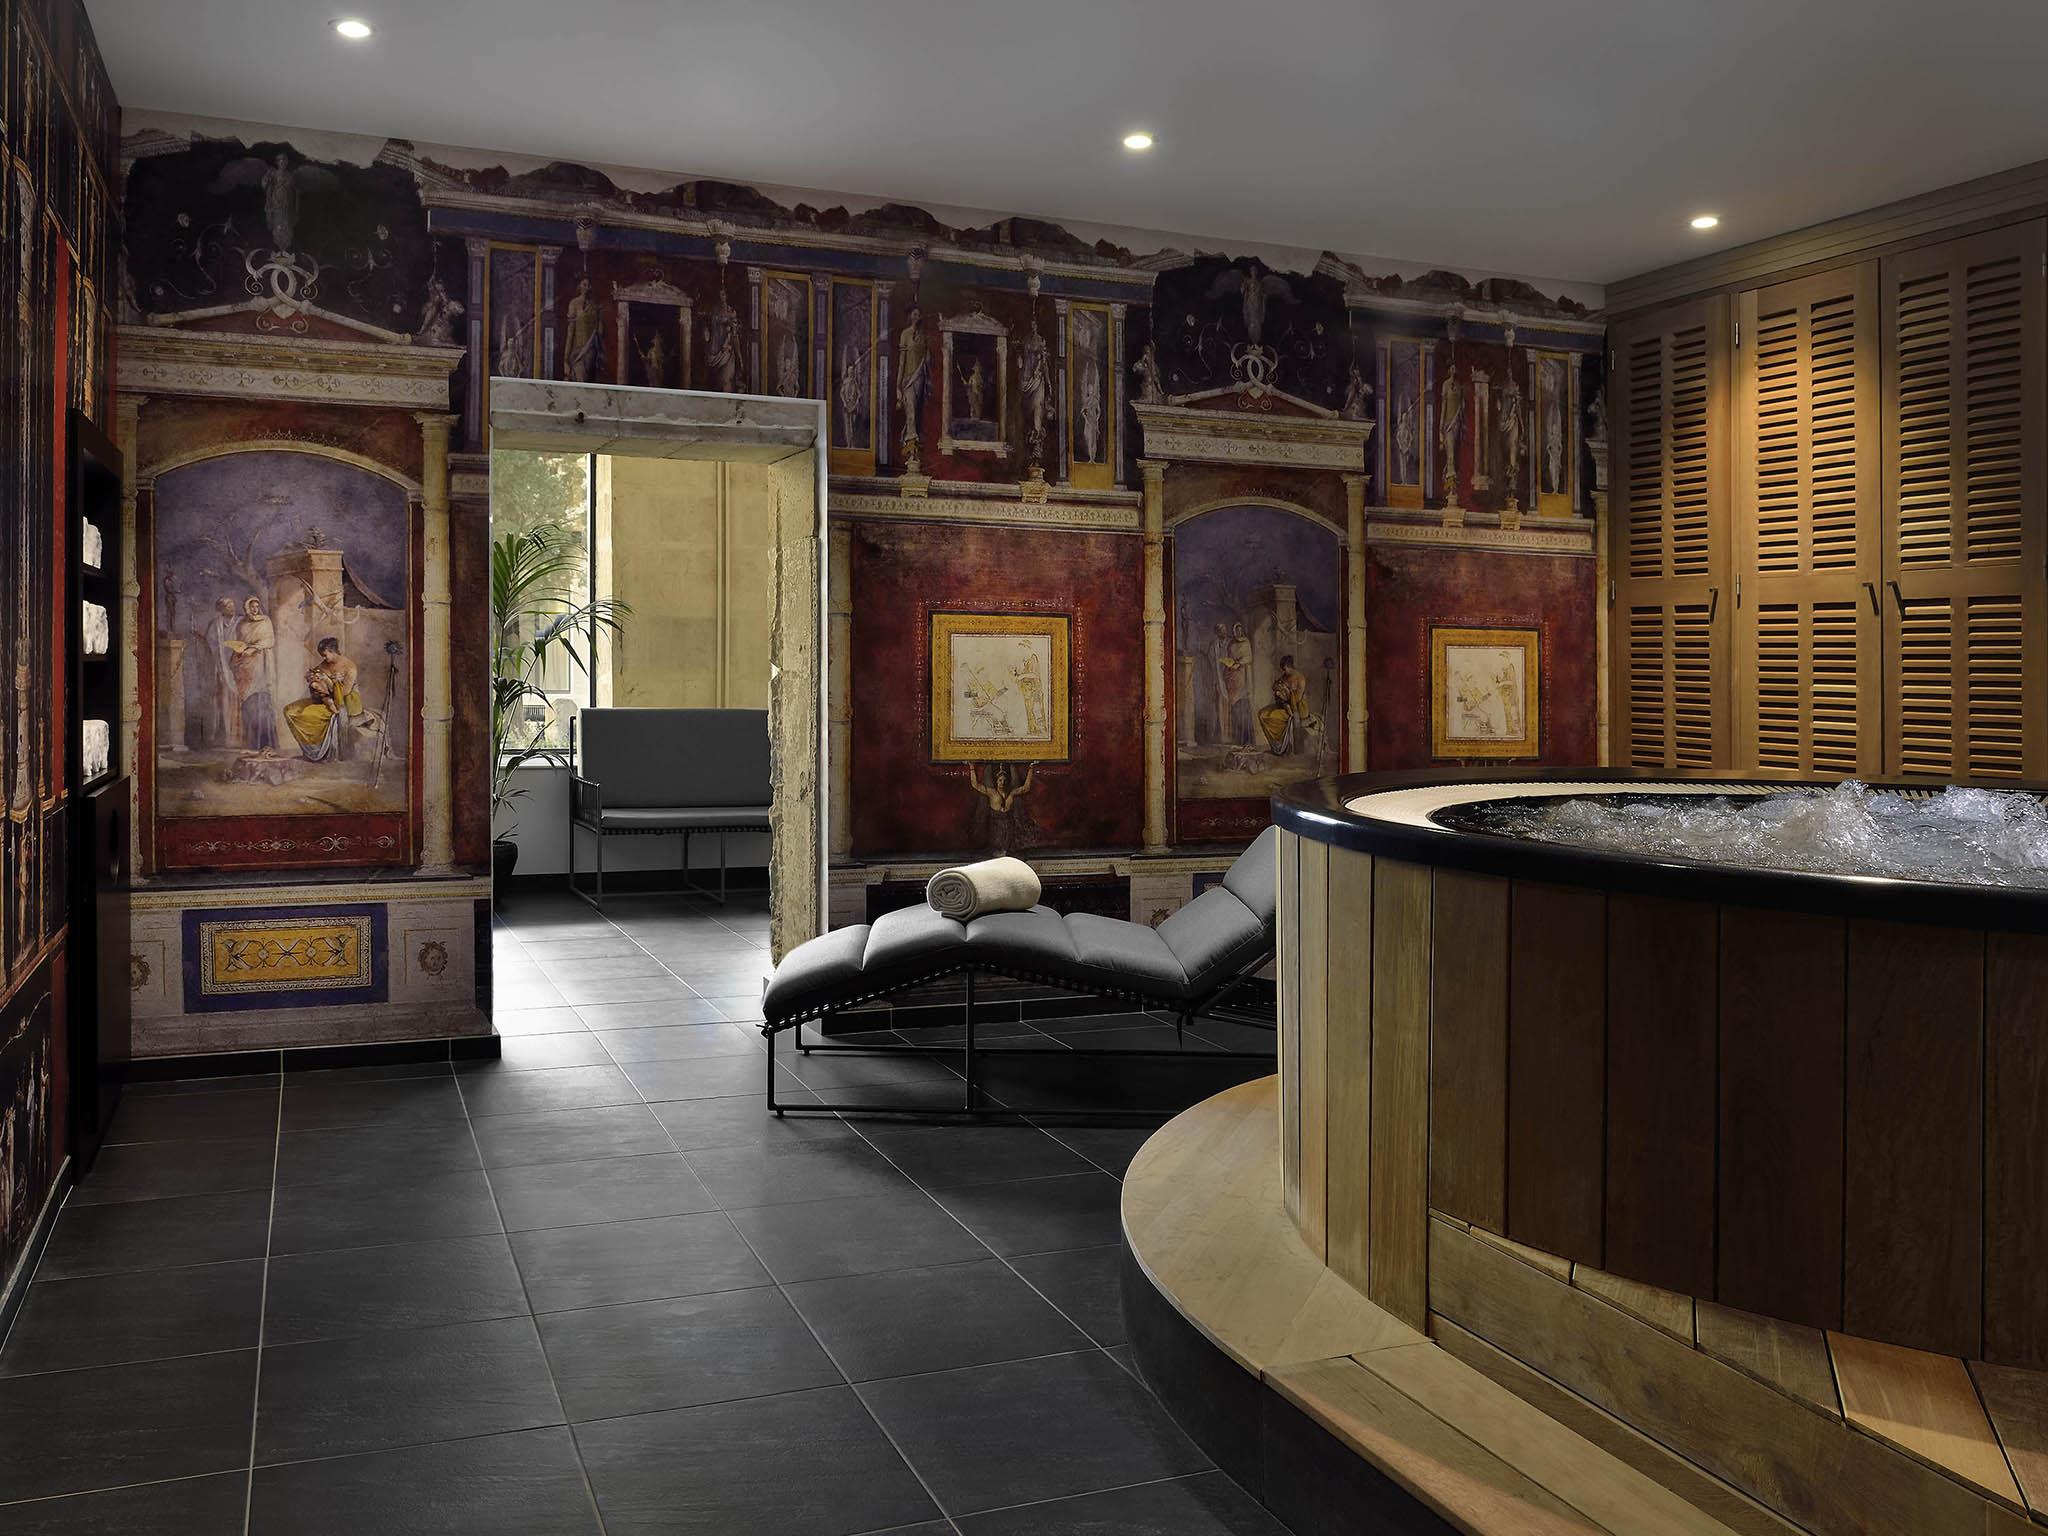 Hôtel - Hôtel & Spa Jules César Arles - MGallery by Sofitel